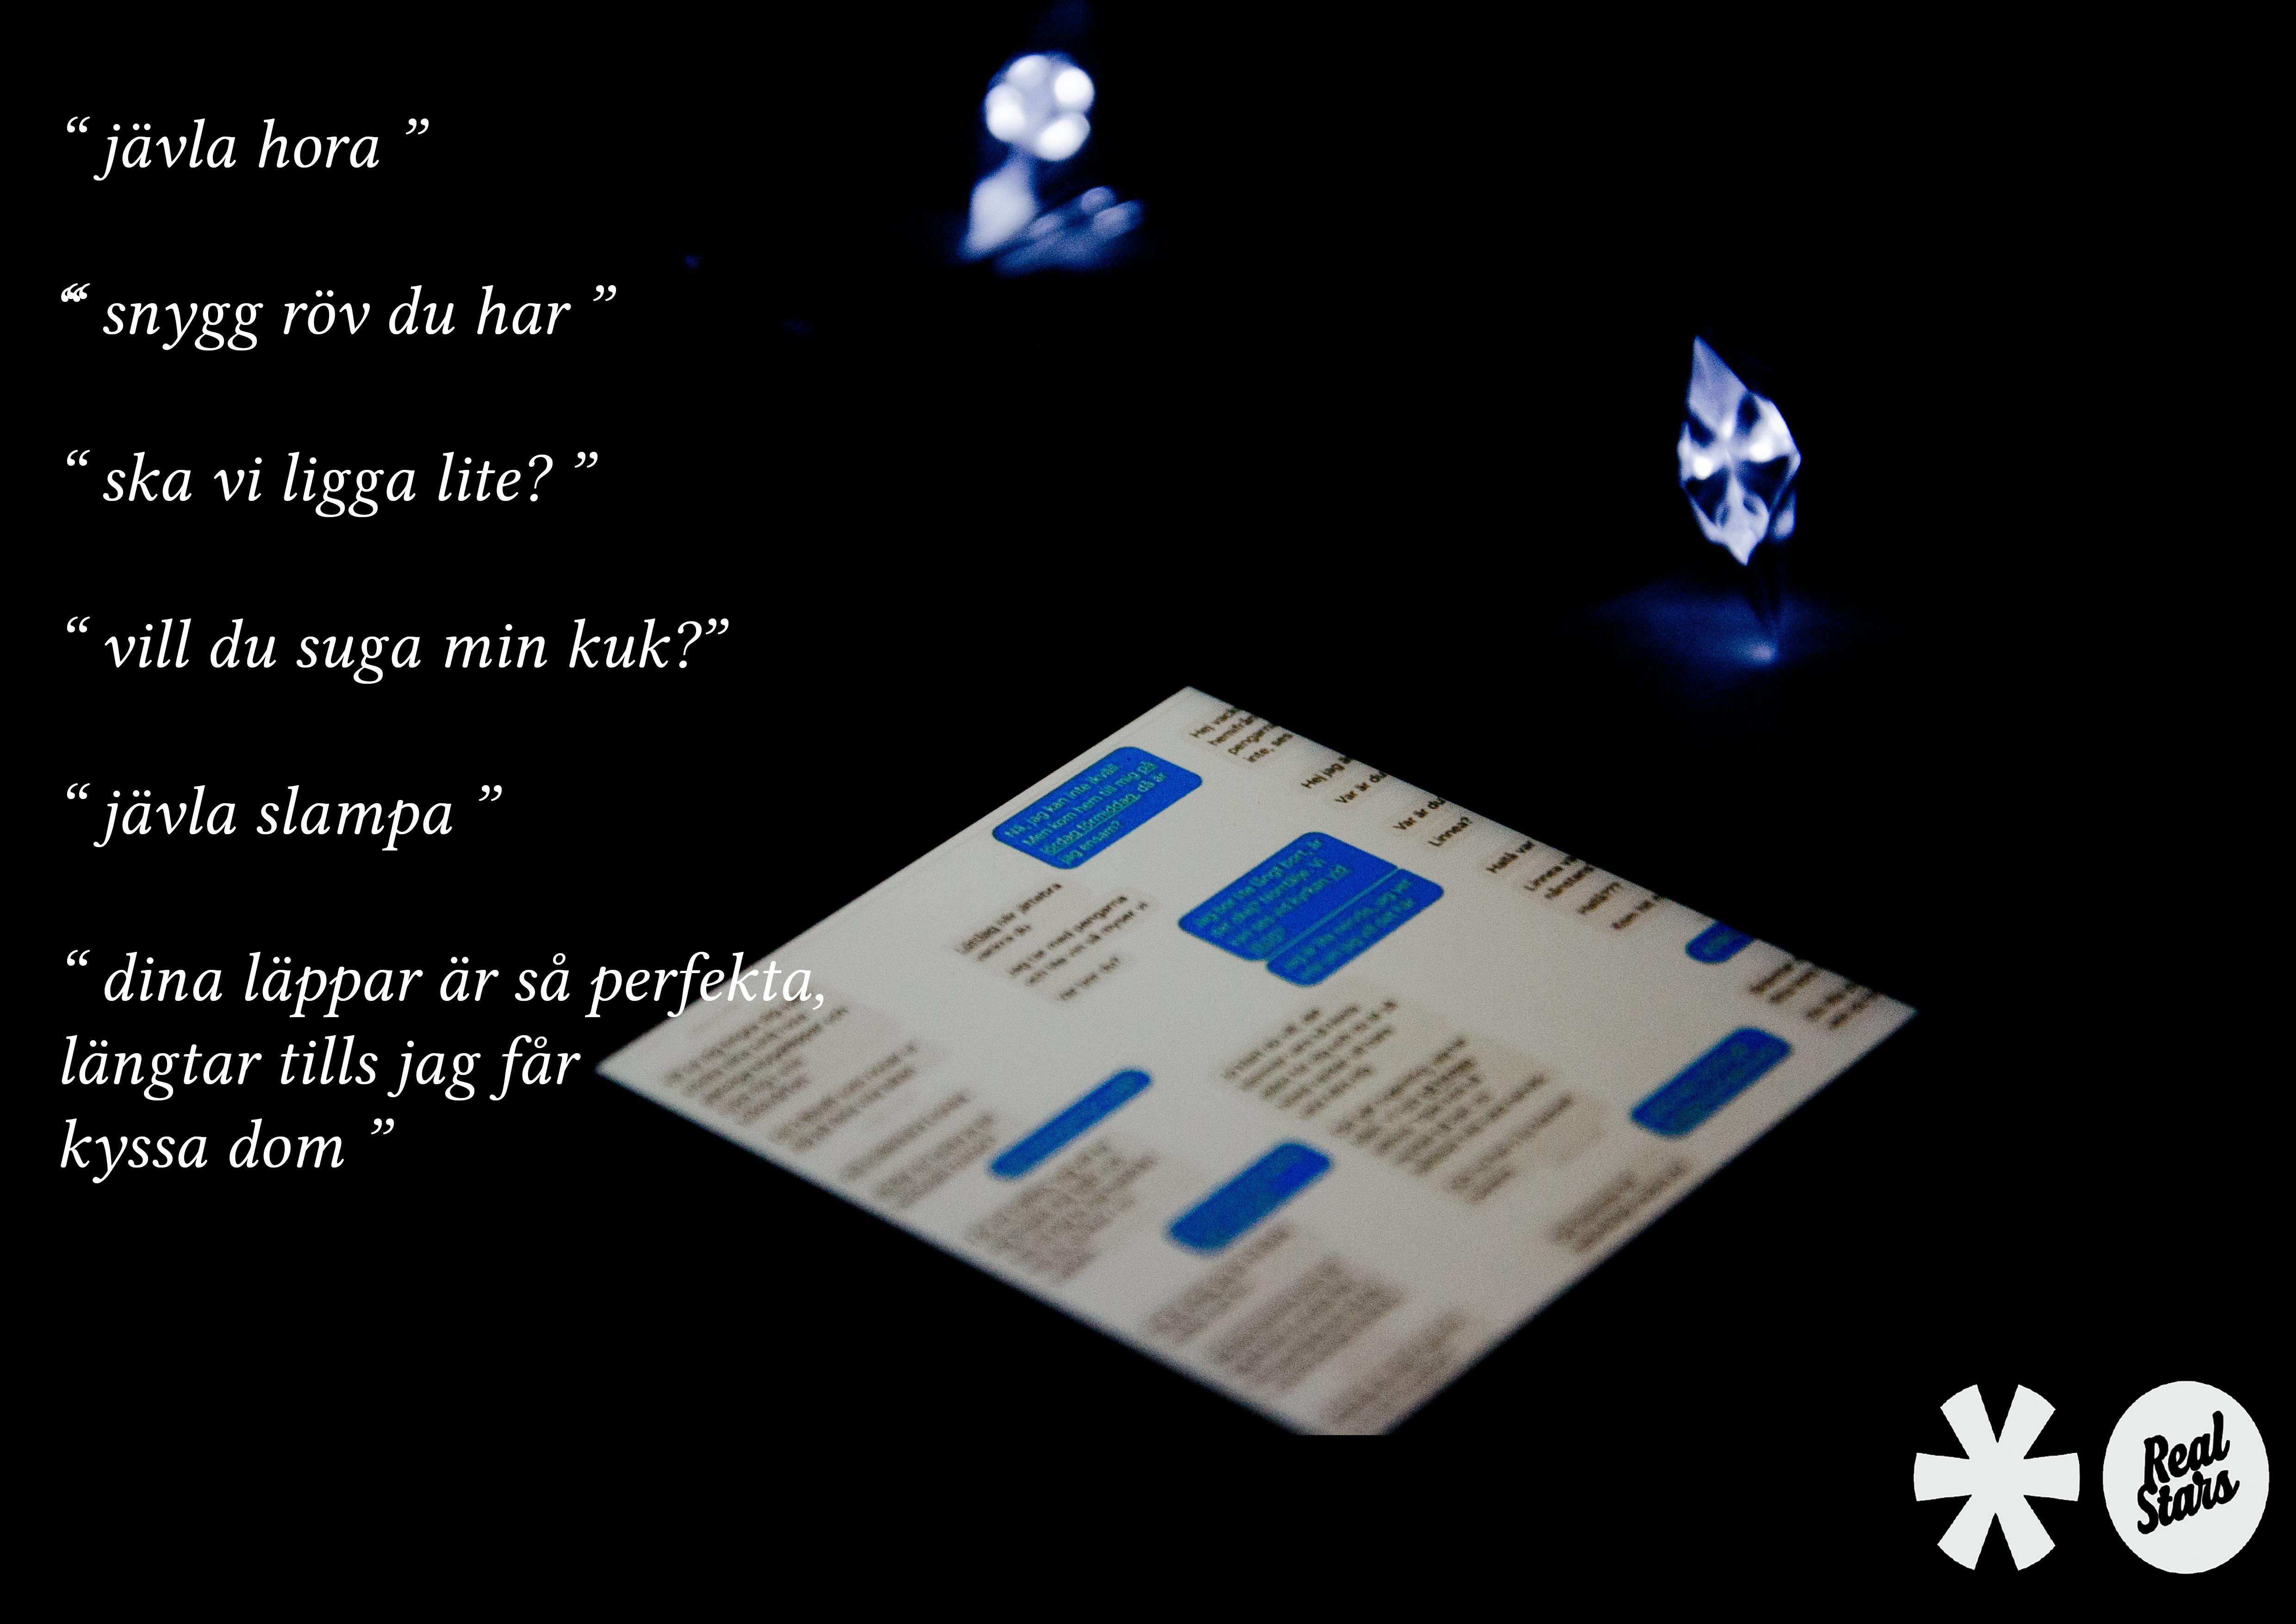 Bild av Johanna Lydin - åk 1 Mediagymnasiet